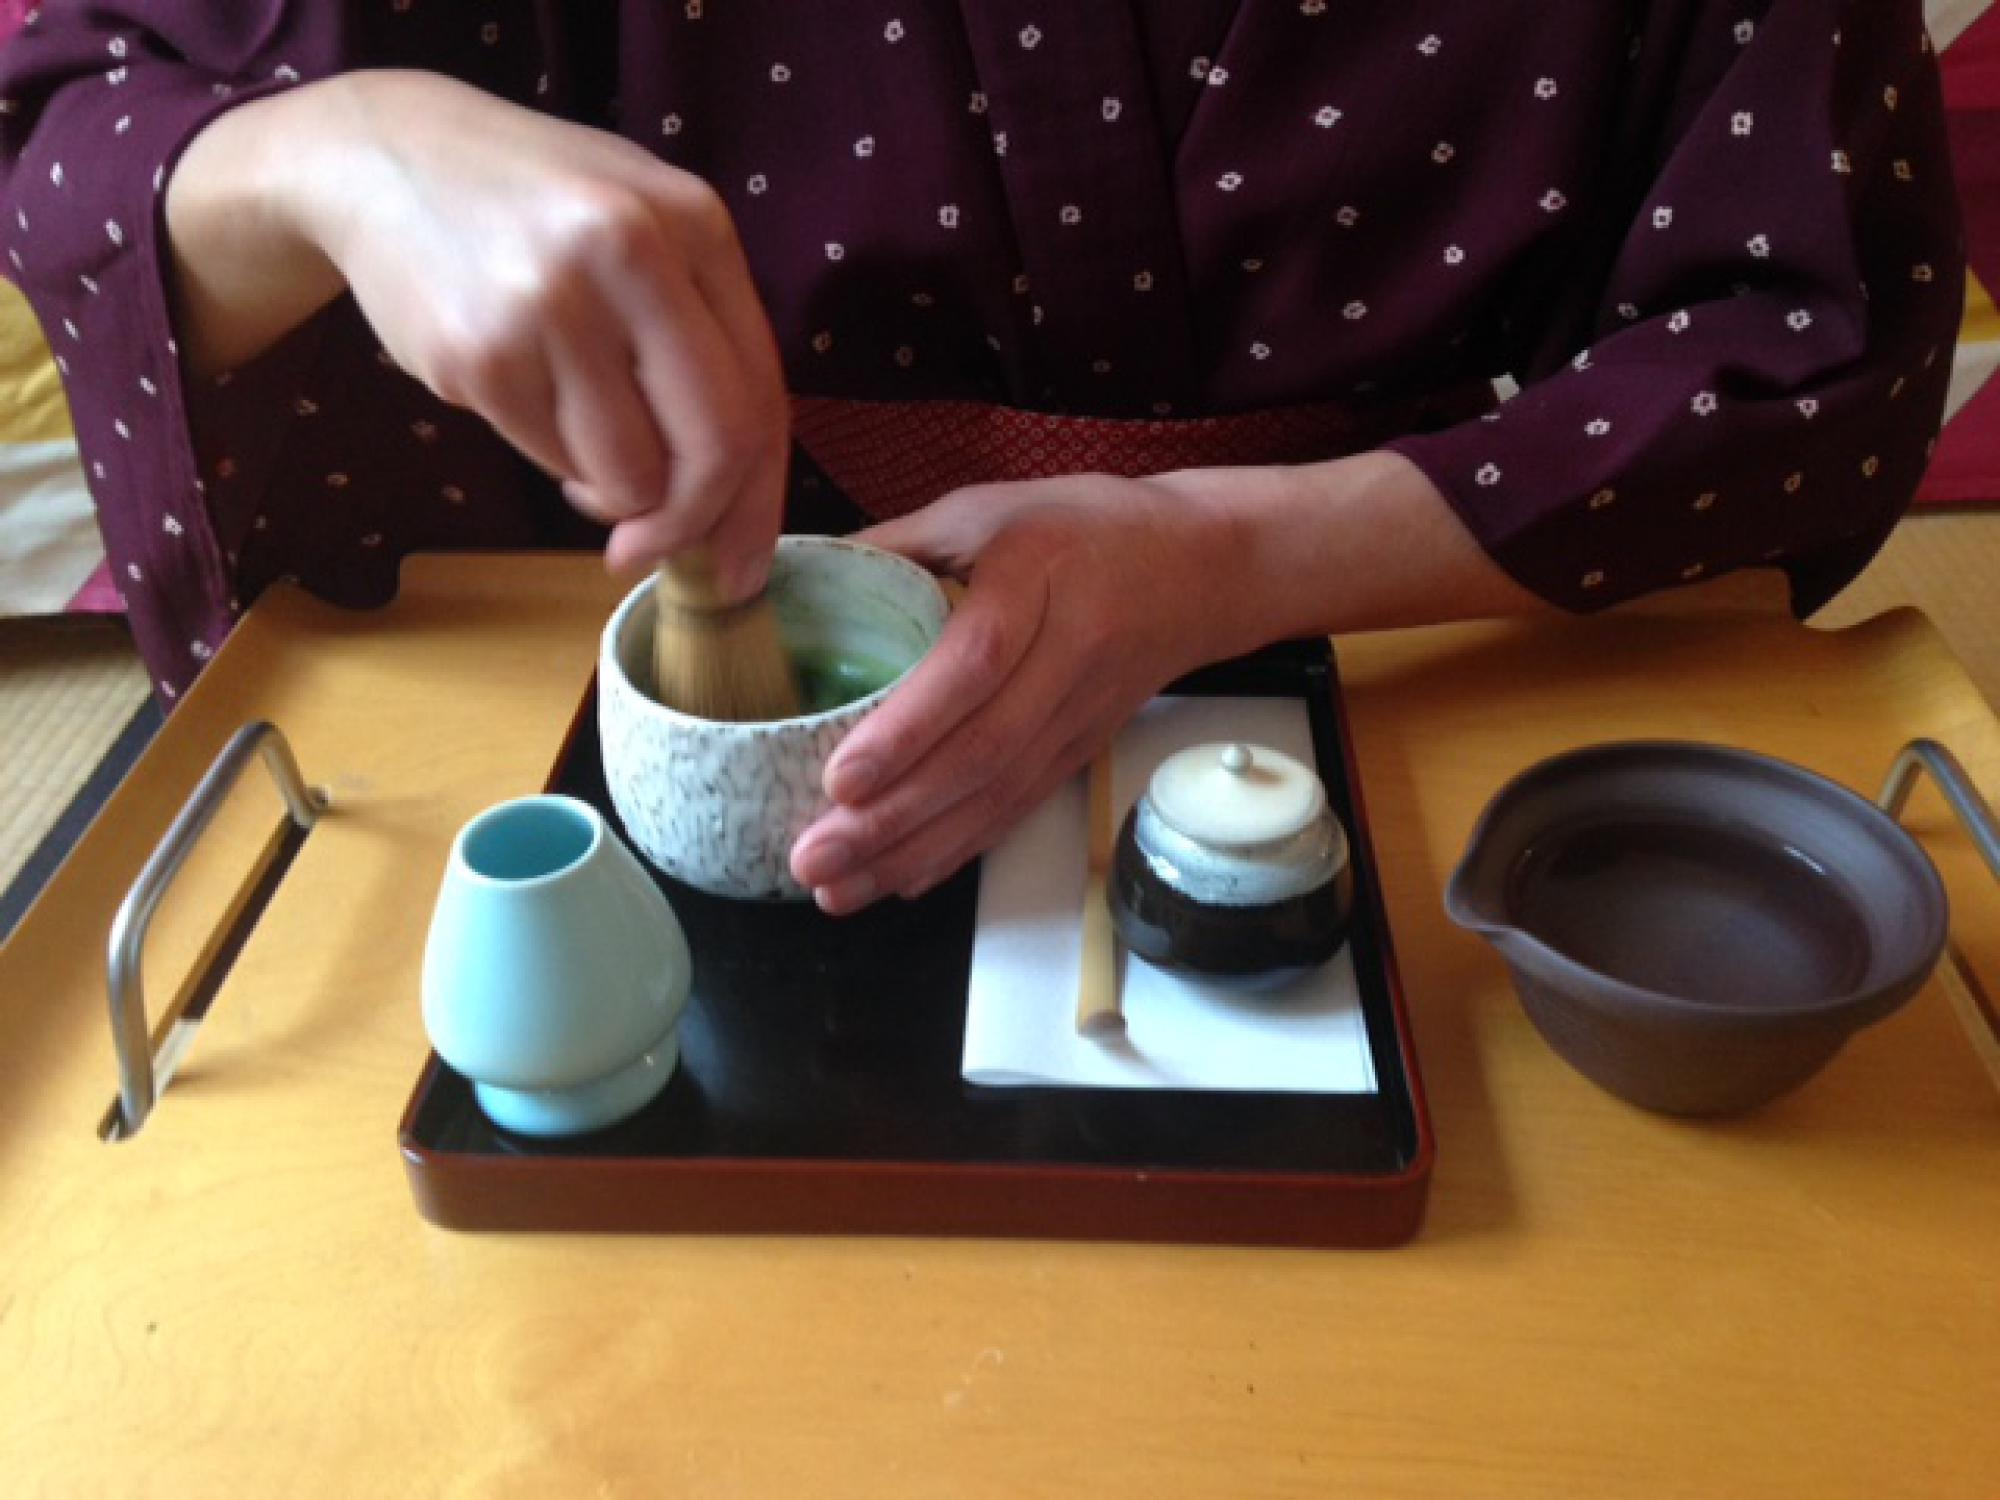 Préparation d'un thé vert japonais Matcha : Chawan, Chasen